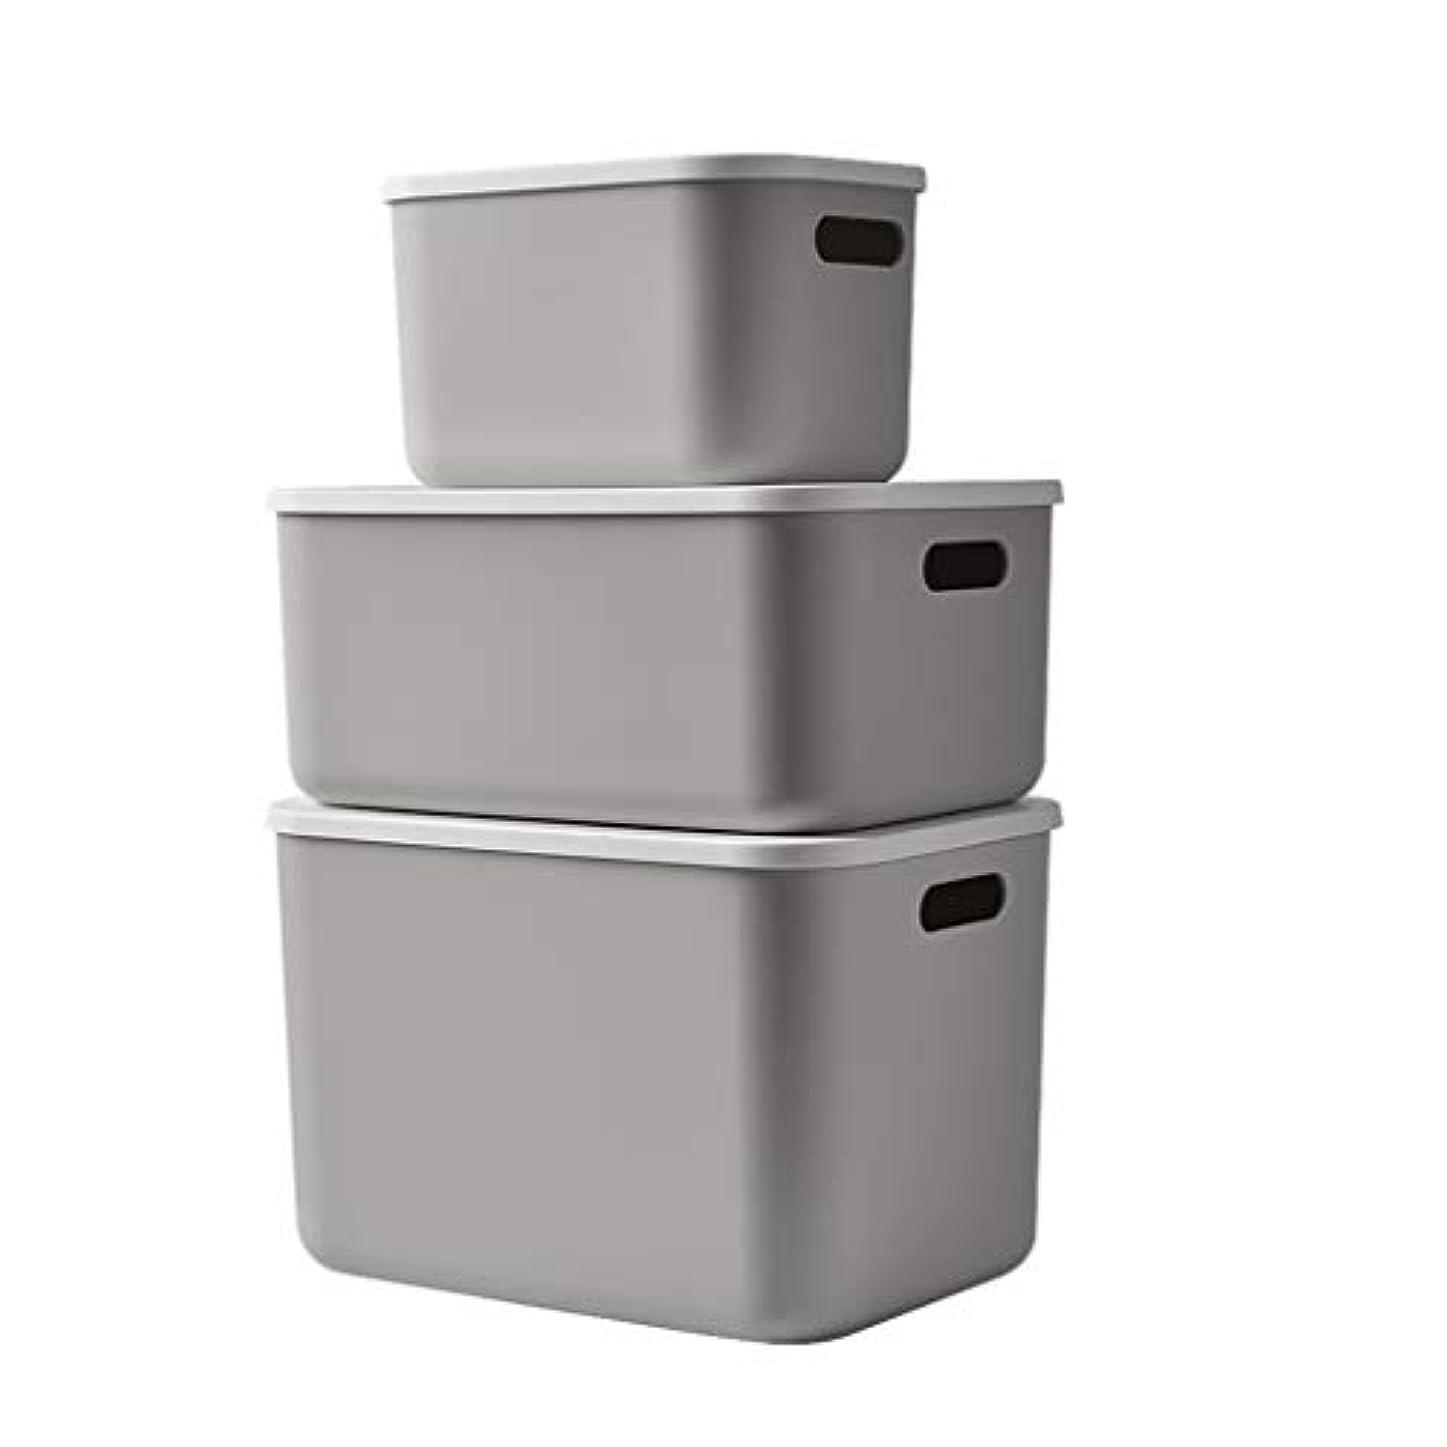 ポジティブ核ネストSMMRB 収納ボックス雑貨収納バスケット、フタ付き収納ボックス、PP素材、スリーピーススーツ (色 : A)